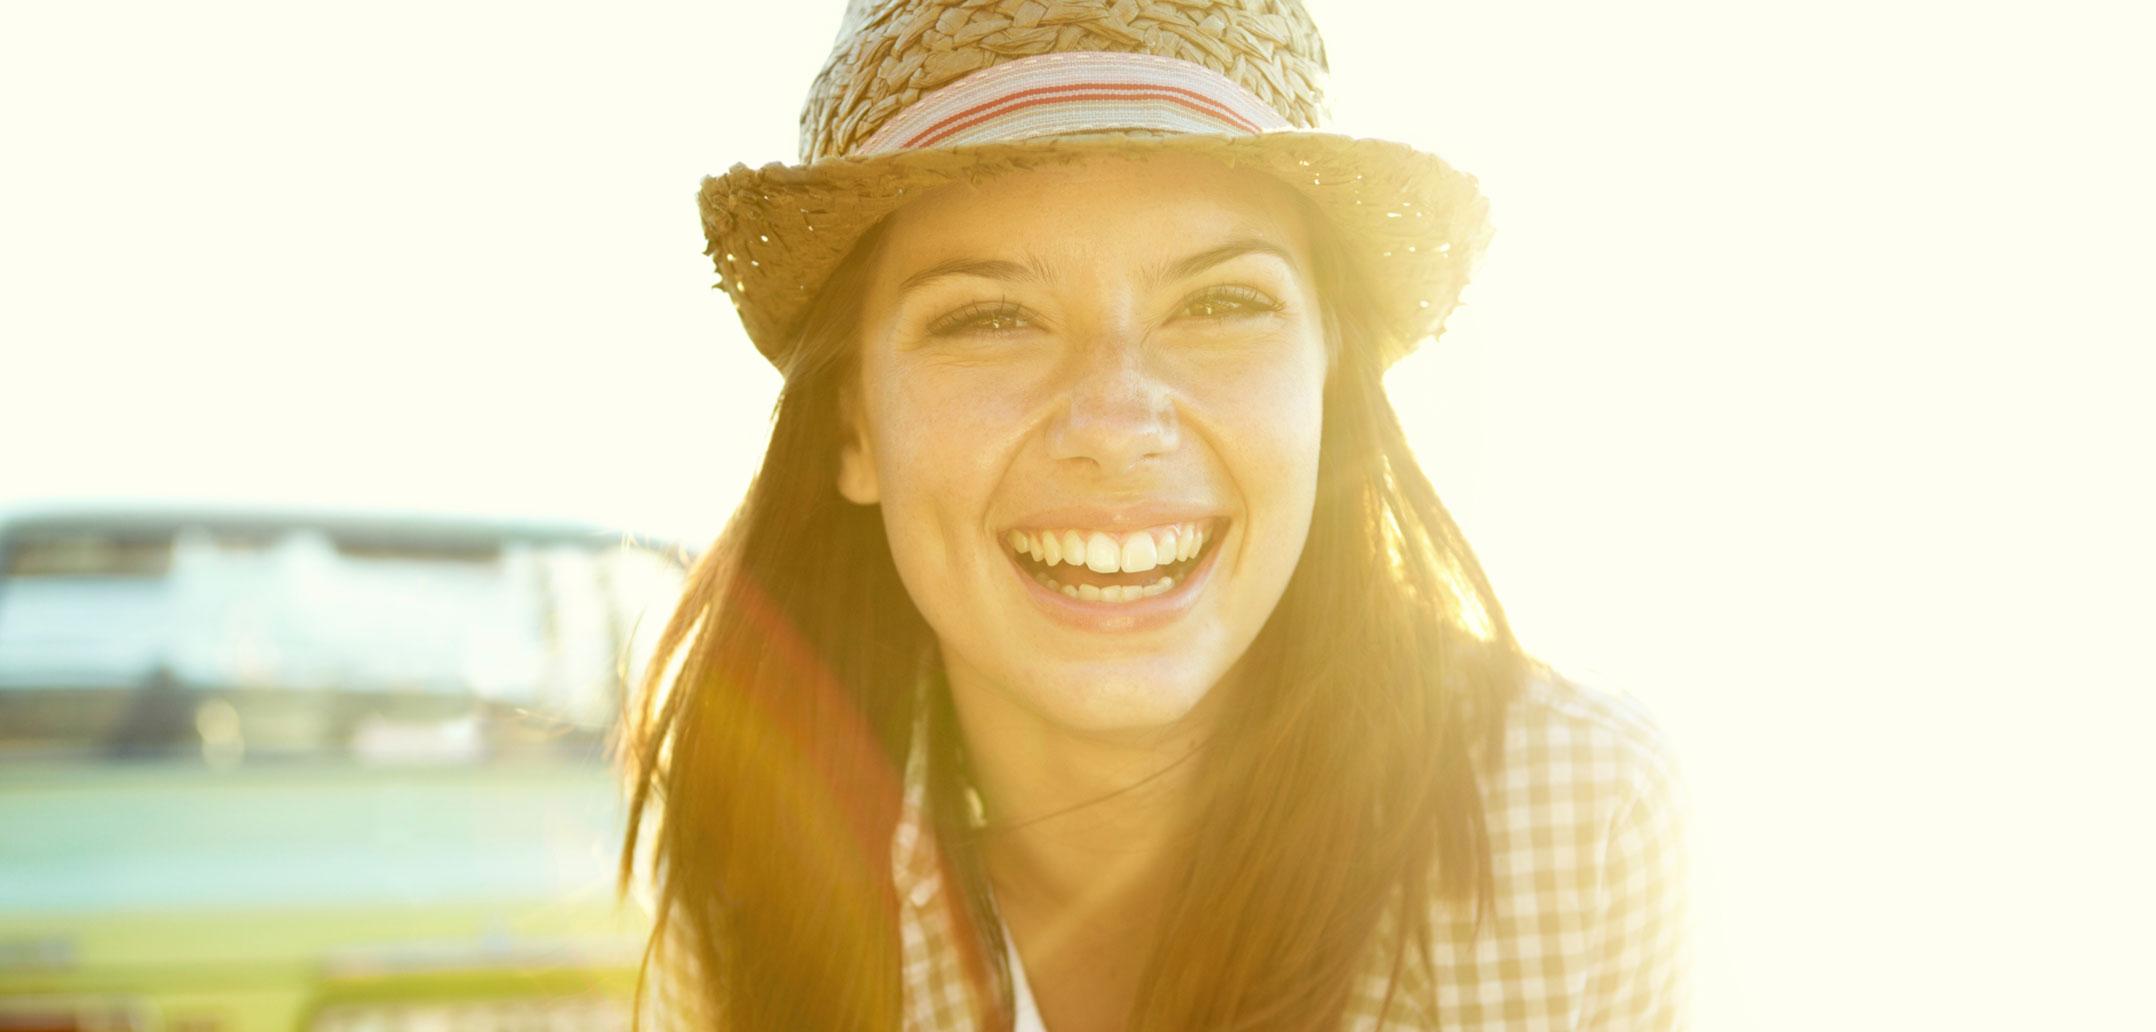 Nachrichten, um sie zum Lächeln zu bringen